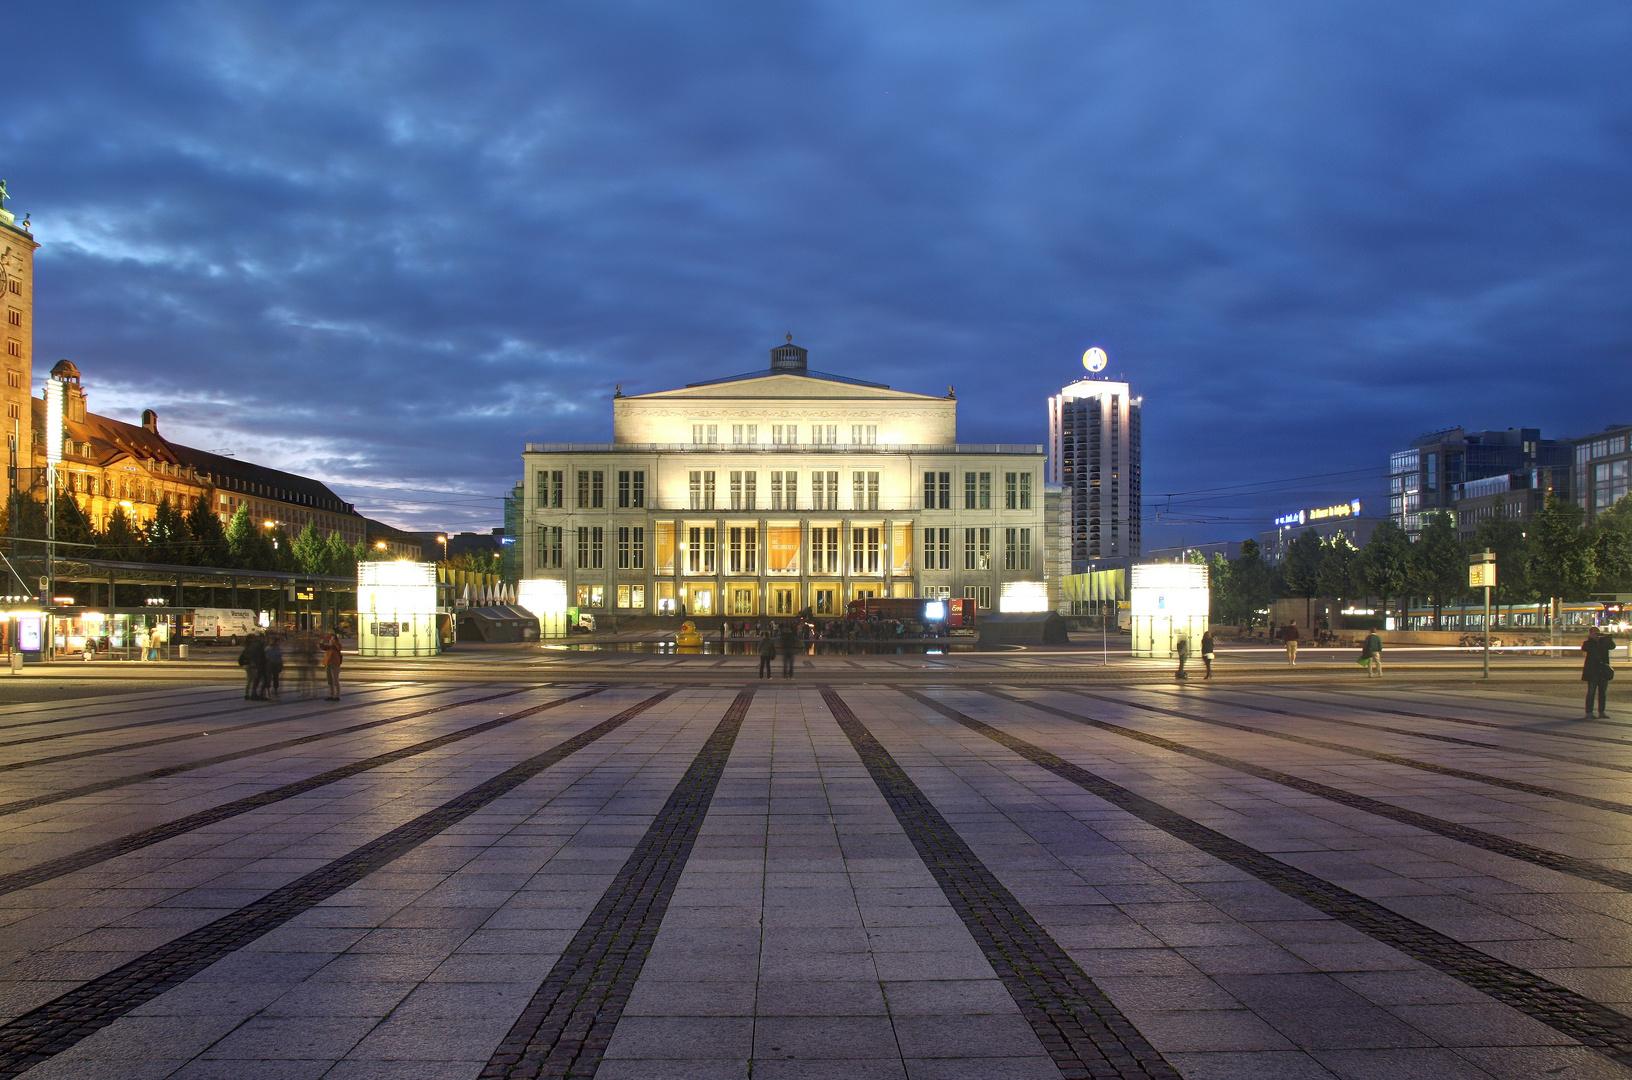 Nachtleben auf dem Augustusplatz in Leipzig